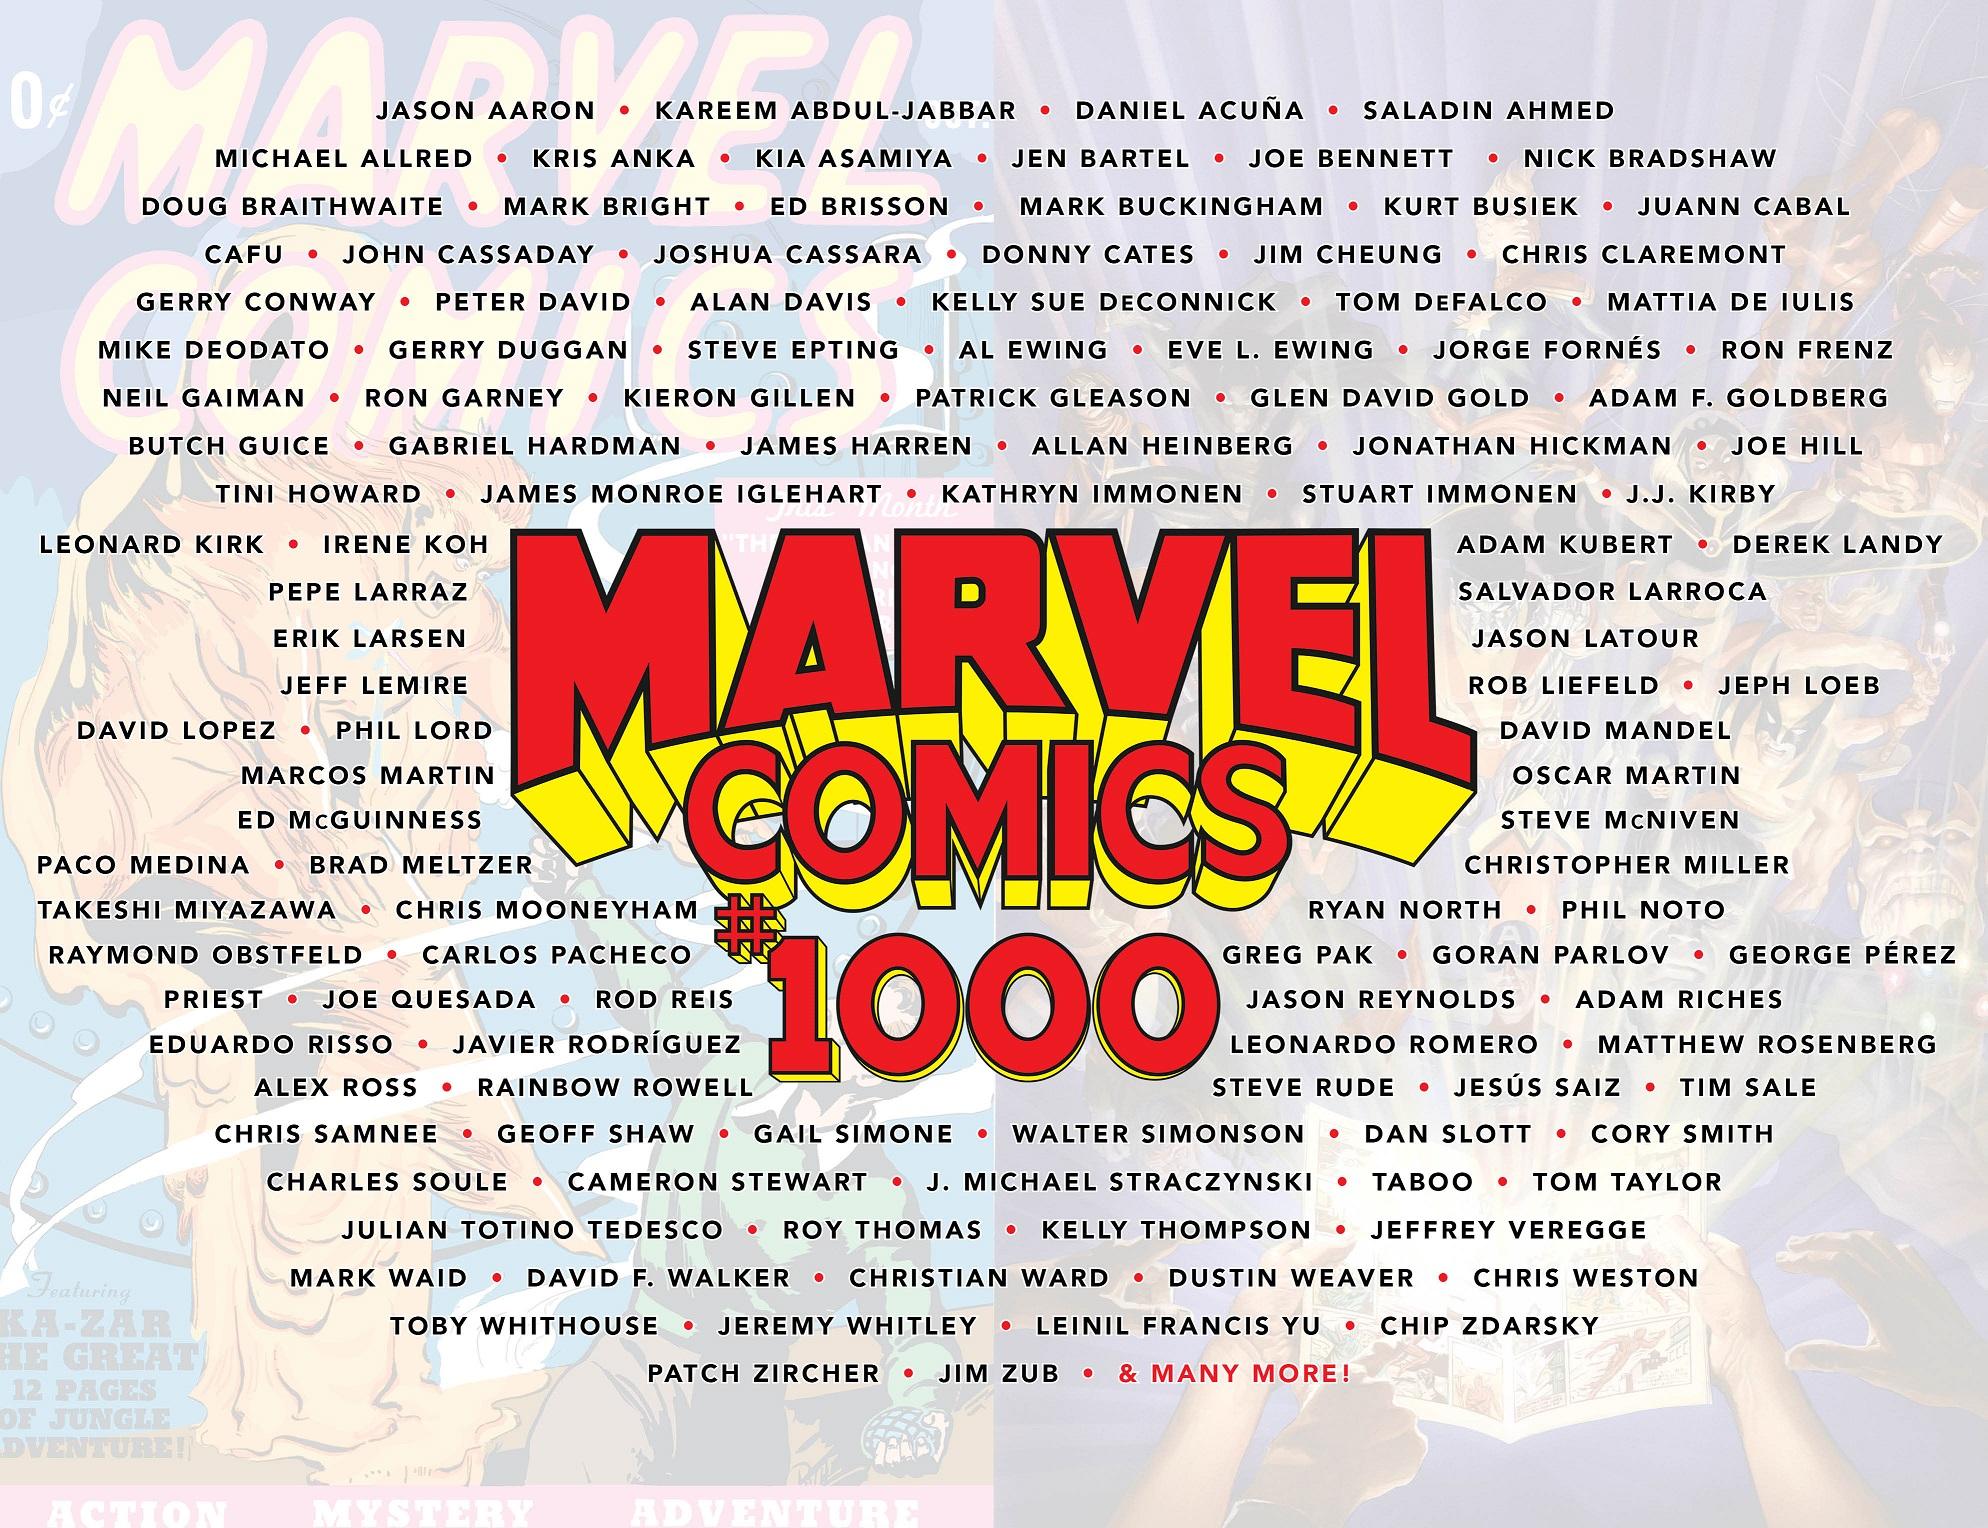 MarvelComics1000